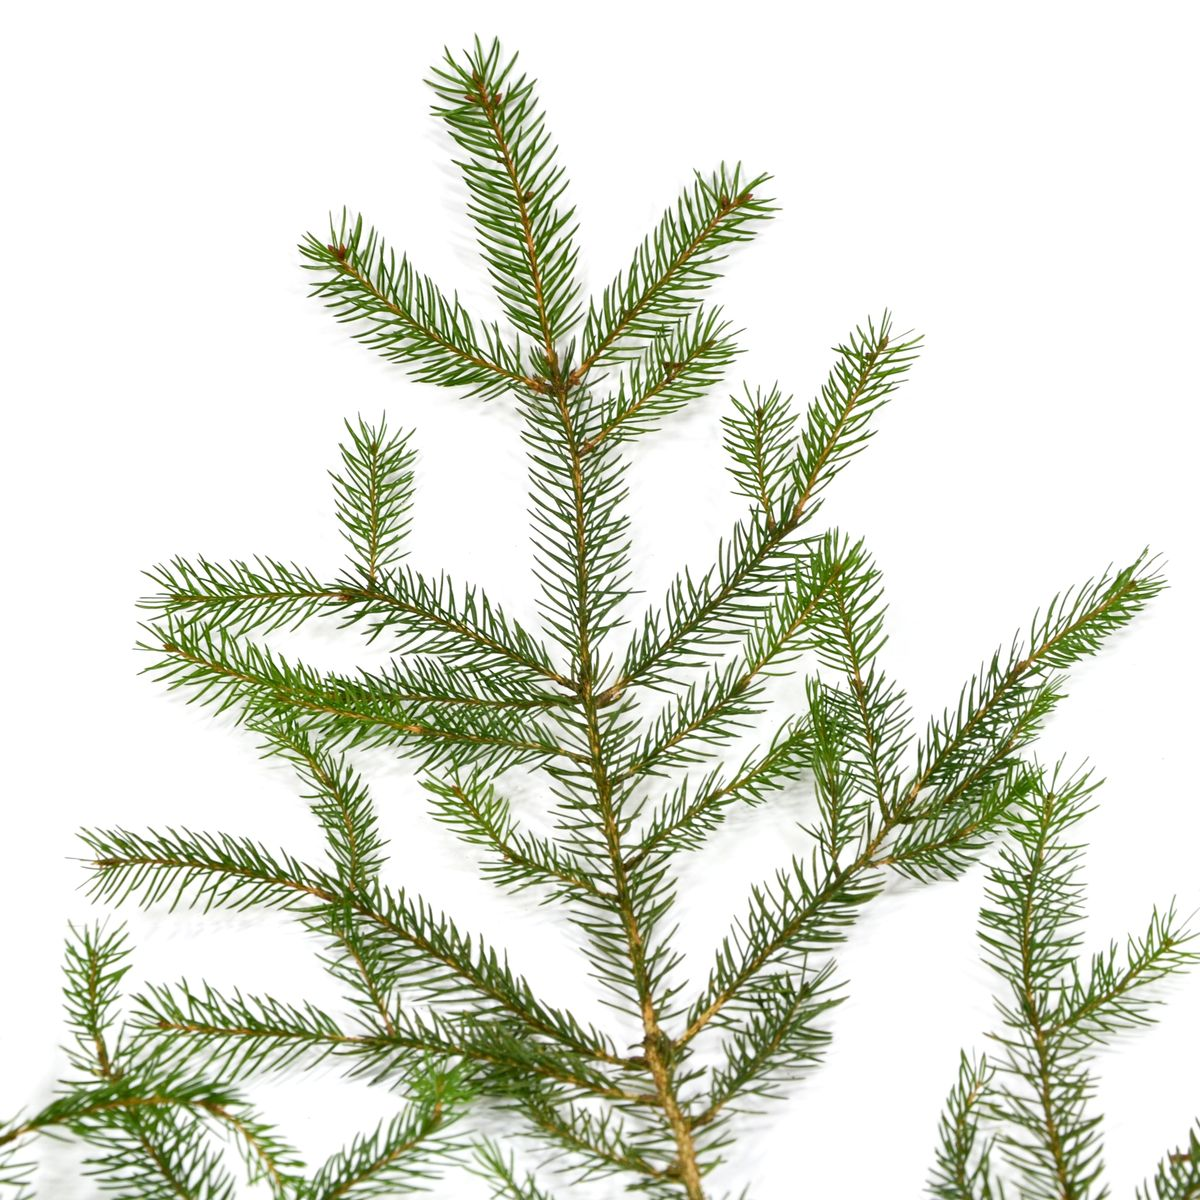 Weihnachtsbaumsorten im Vergleich: Die Fichte